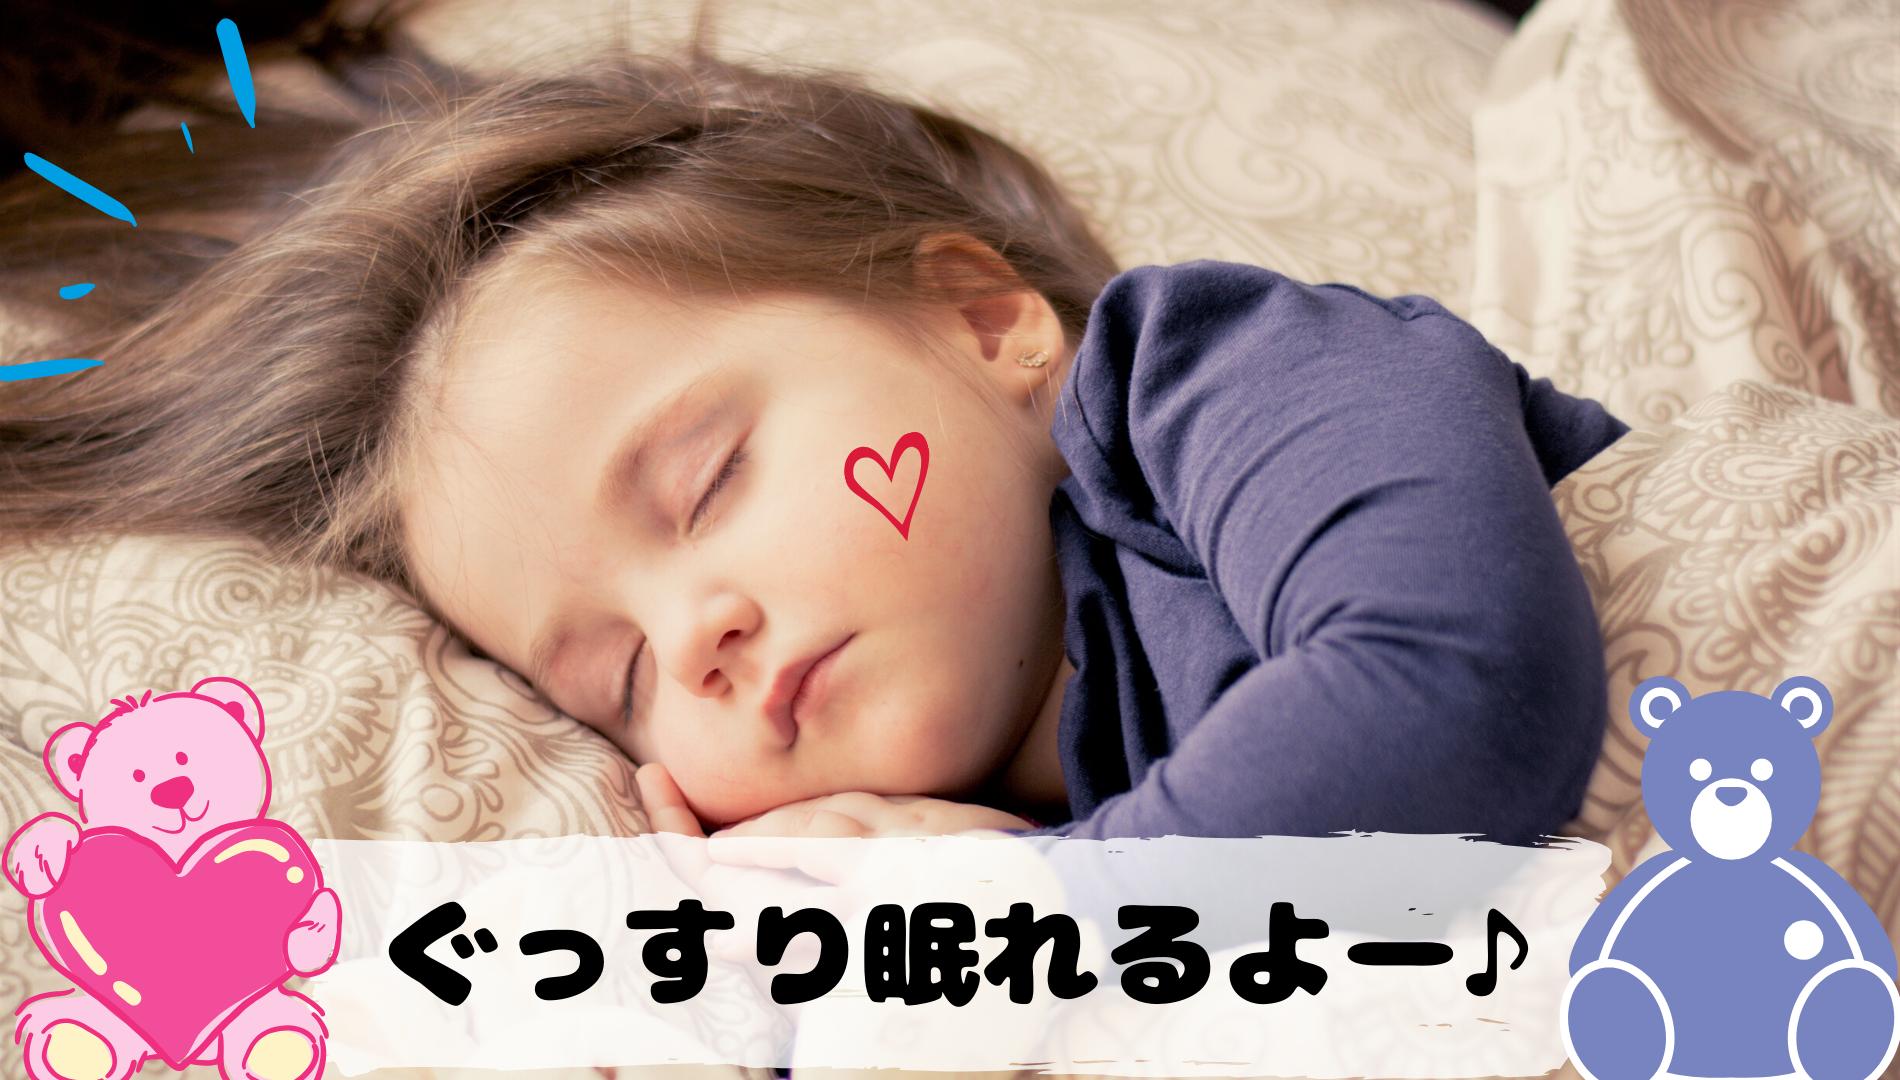 ぐっすり眠る男の子